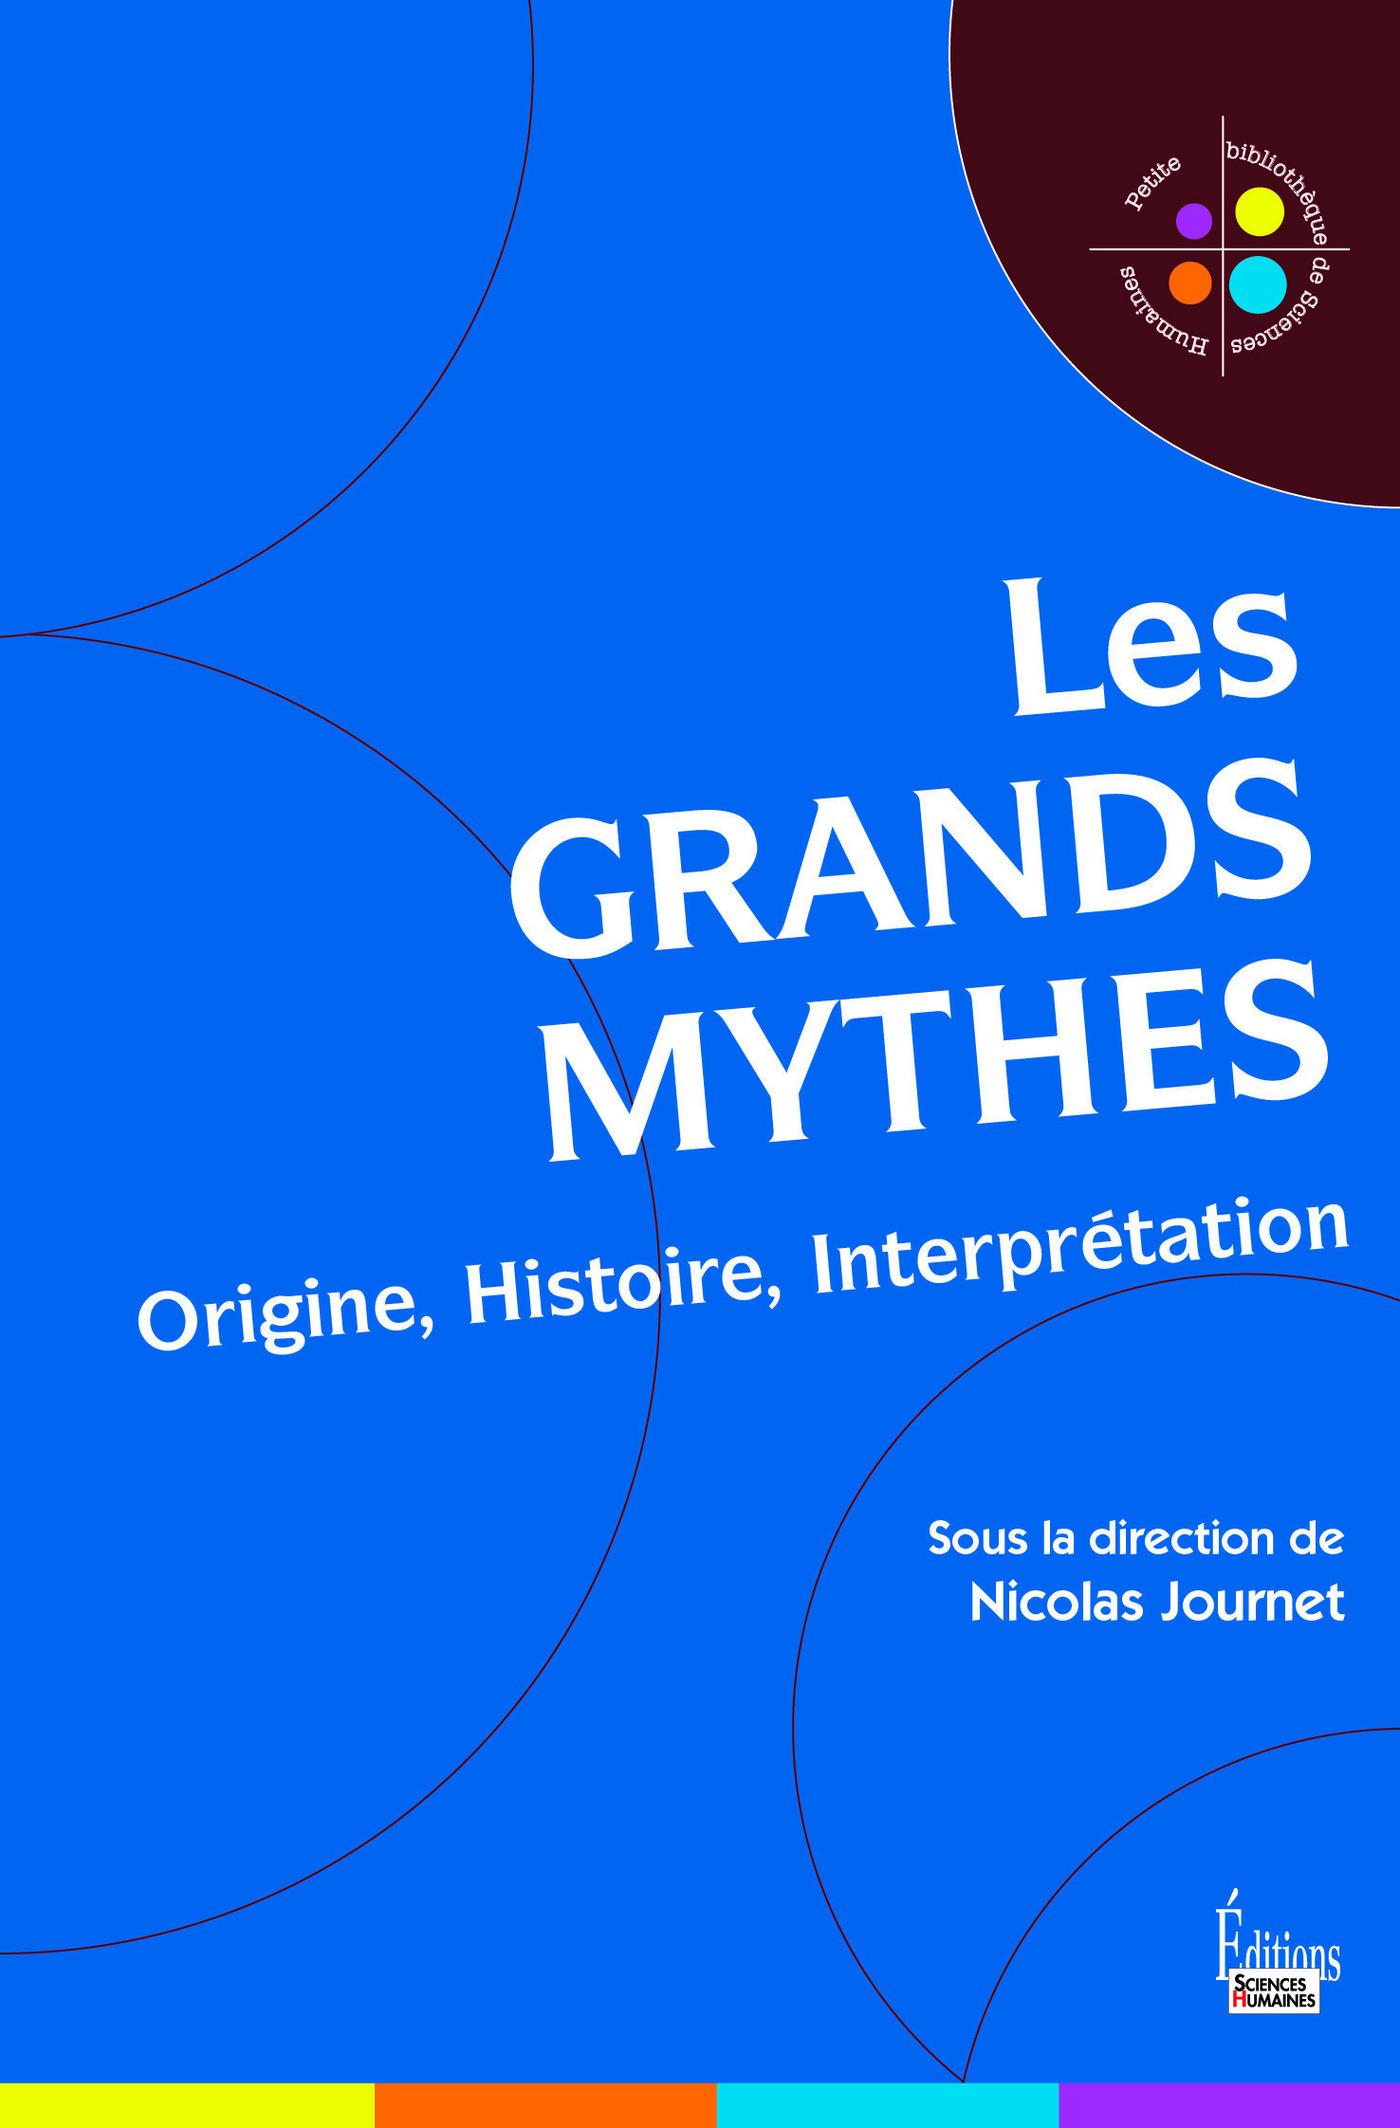 Les grands mythes - Origine...